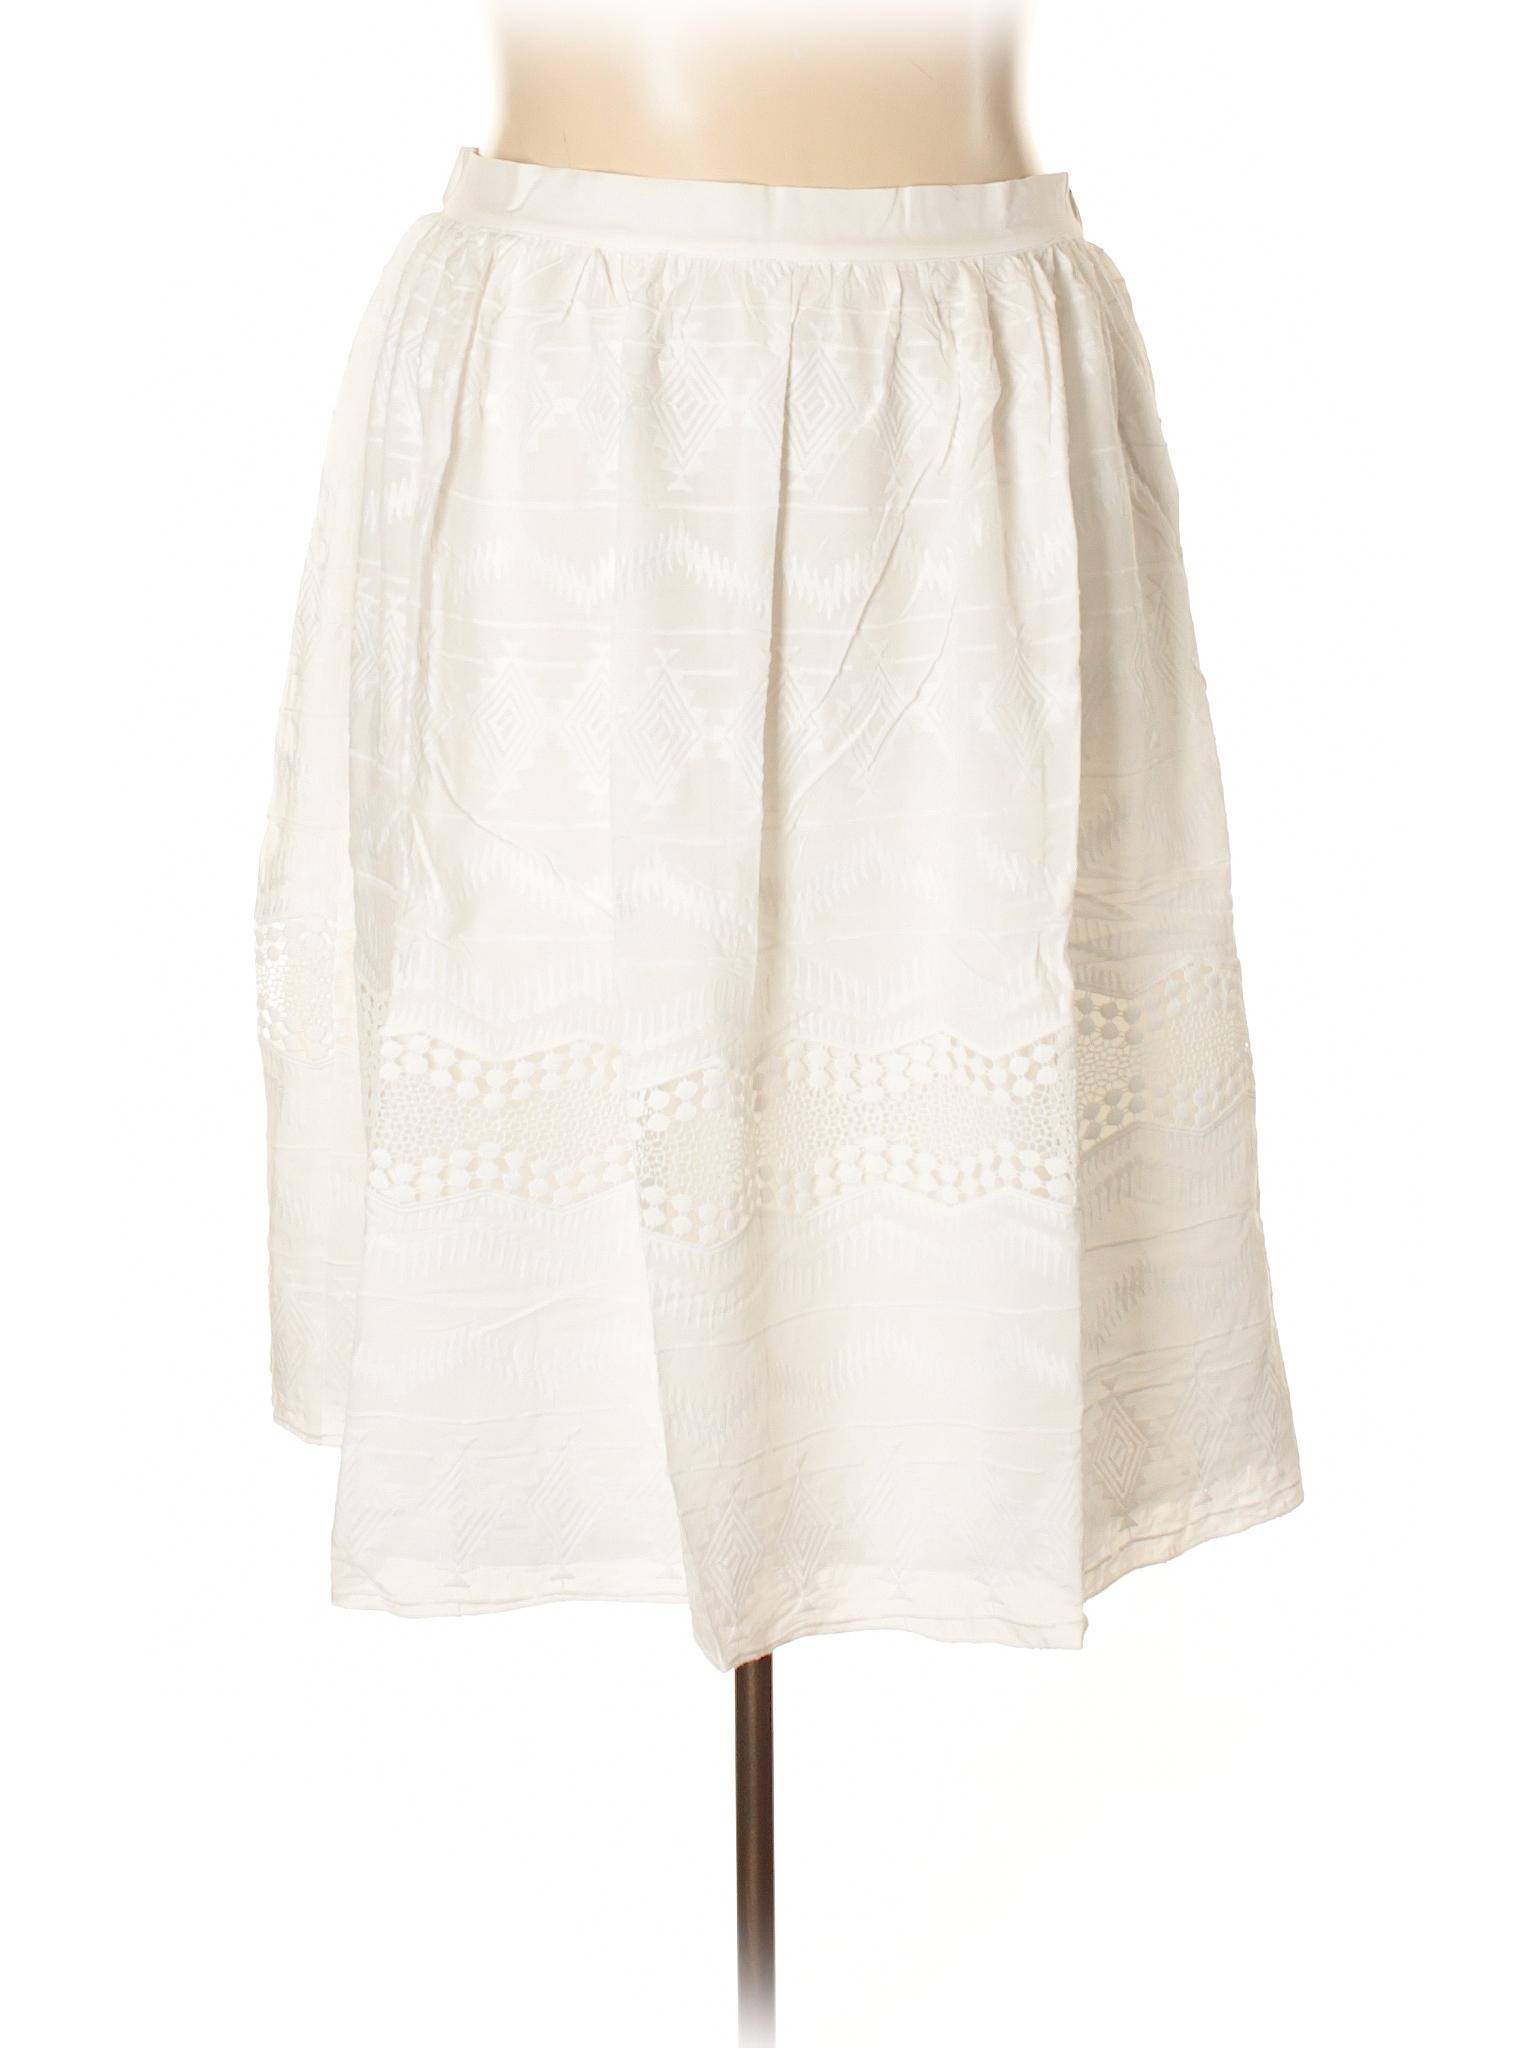 Skirt ELOQUII ELOQUII Skirt Skirt Casual Boutique Boutique Boutique Casual Casual ELOQUII ELOQUII ELOQUII Casual Skirt Boutique Boutique qvdAHqx